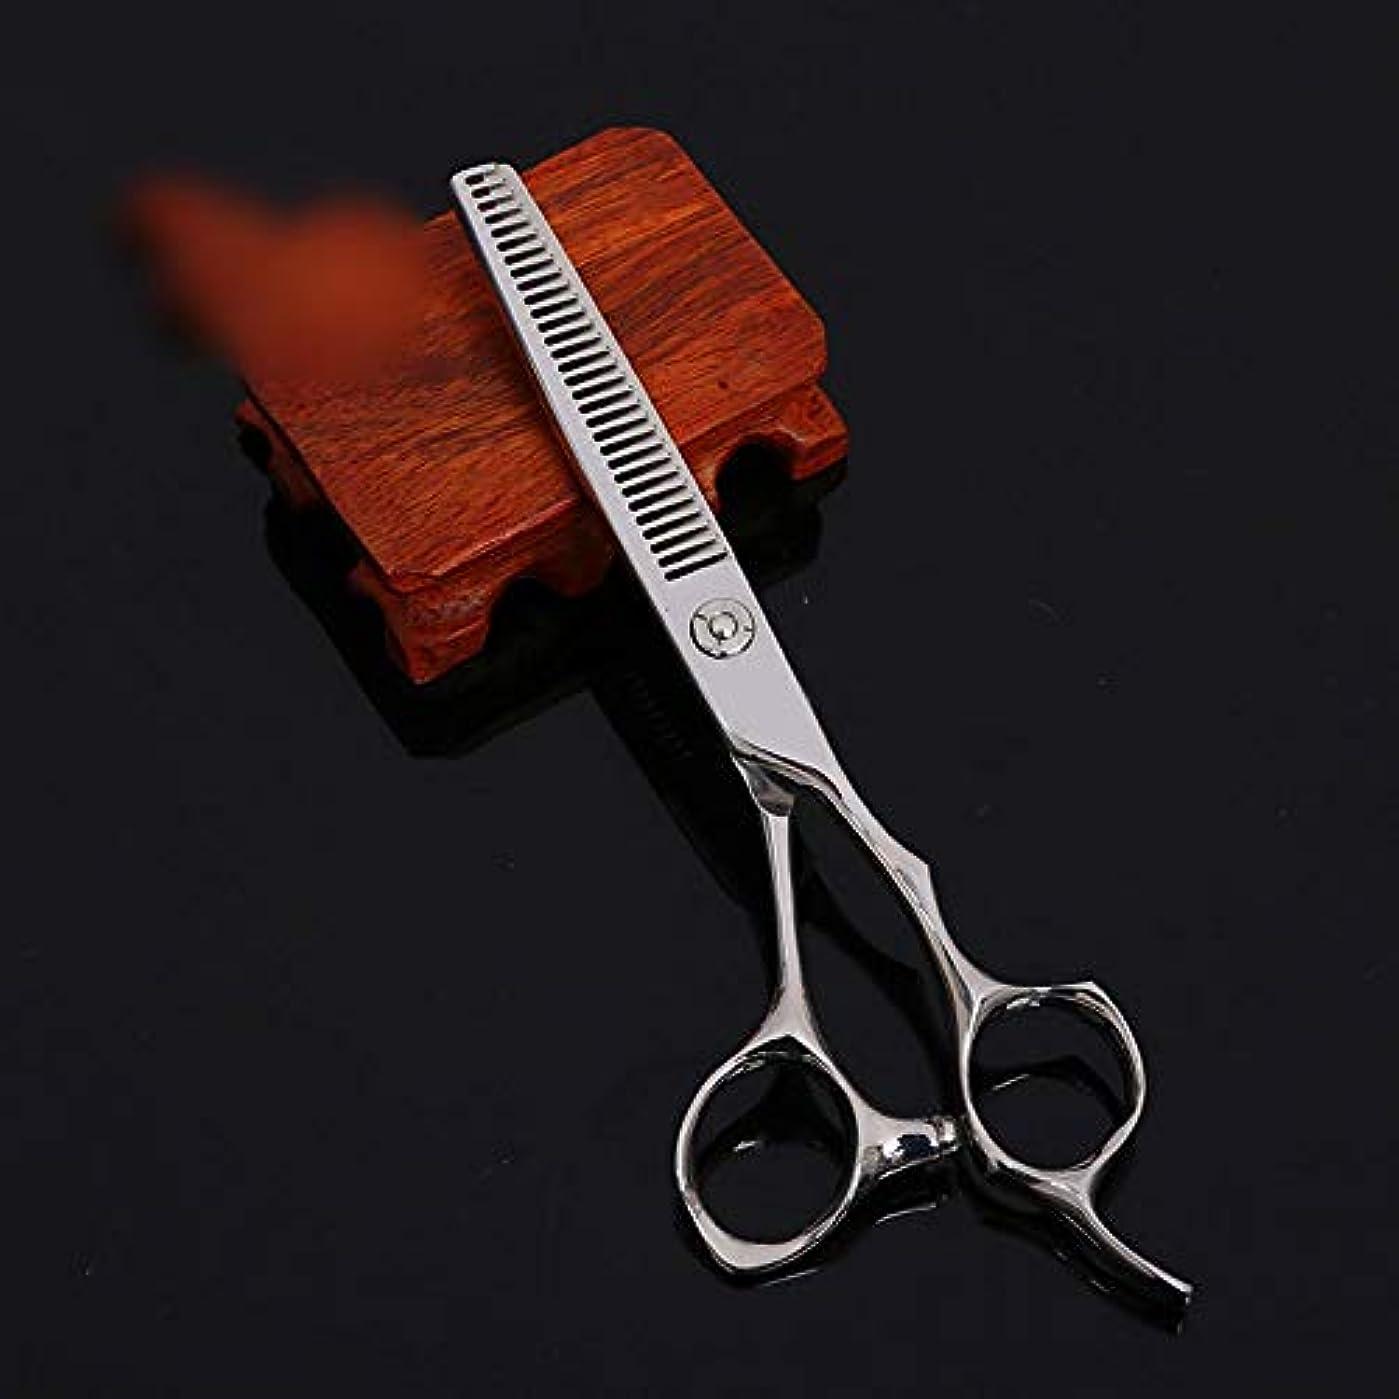 米国安らぎバンケットHairdressing 6インチ美容院プロの理髪はさみ、歯切断高品質理髪ツールヘアカット鋏ステンレス理髪はさみ (色 : Silver)